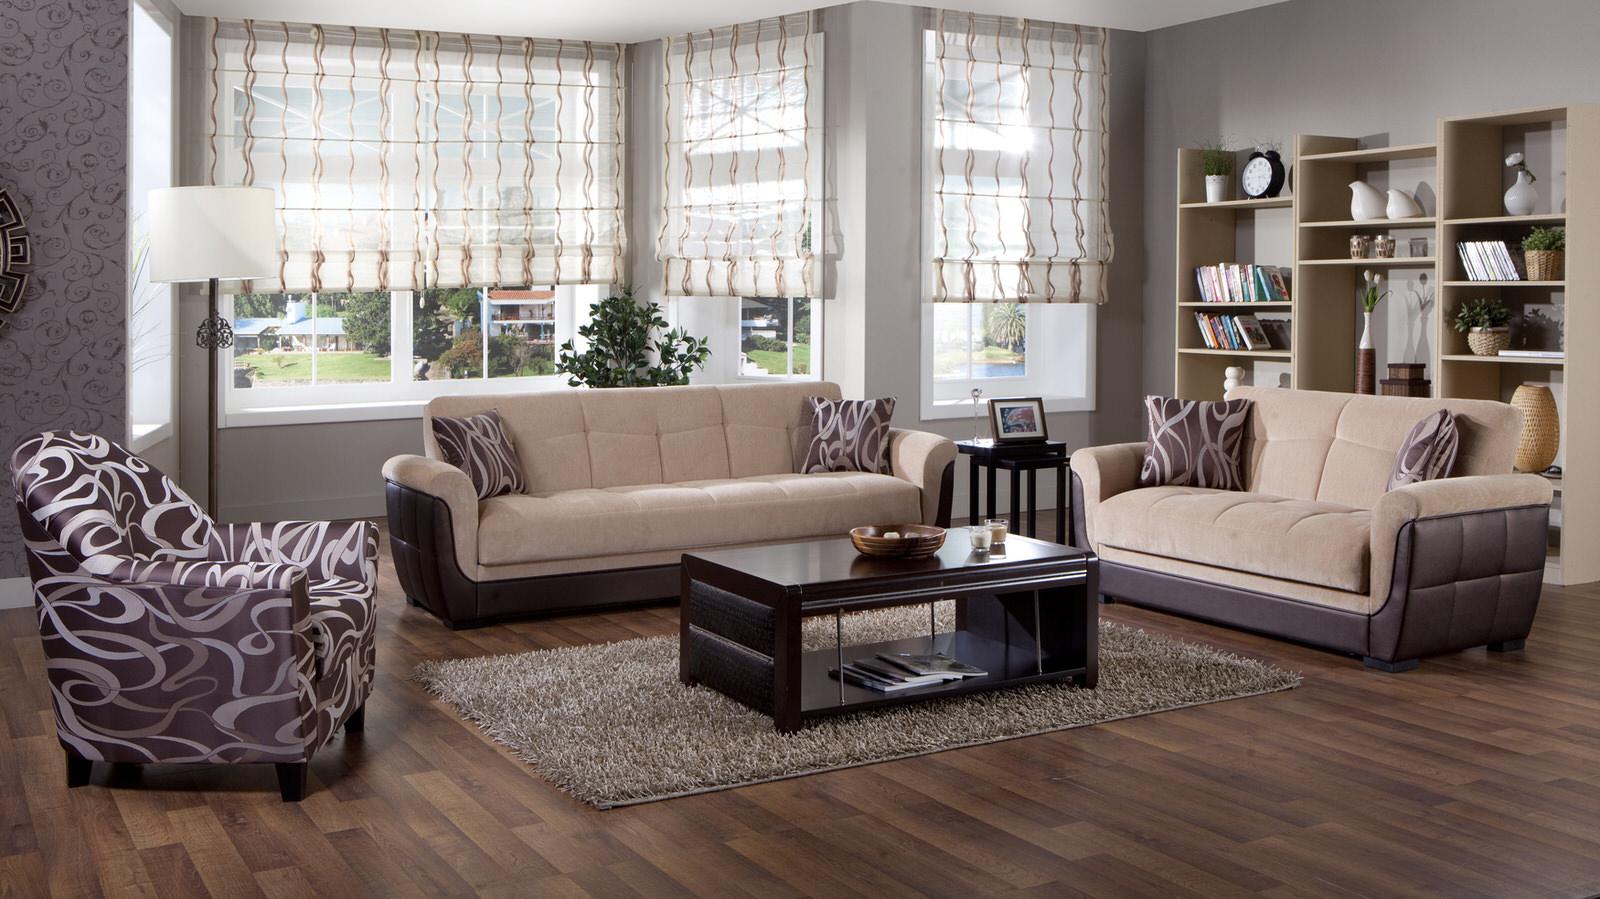 polo rubi light brown convertible sofa bedsunset